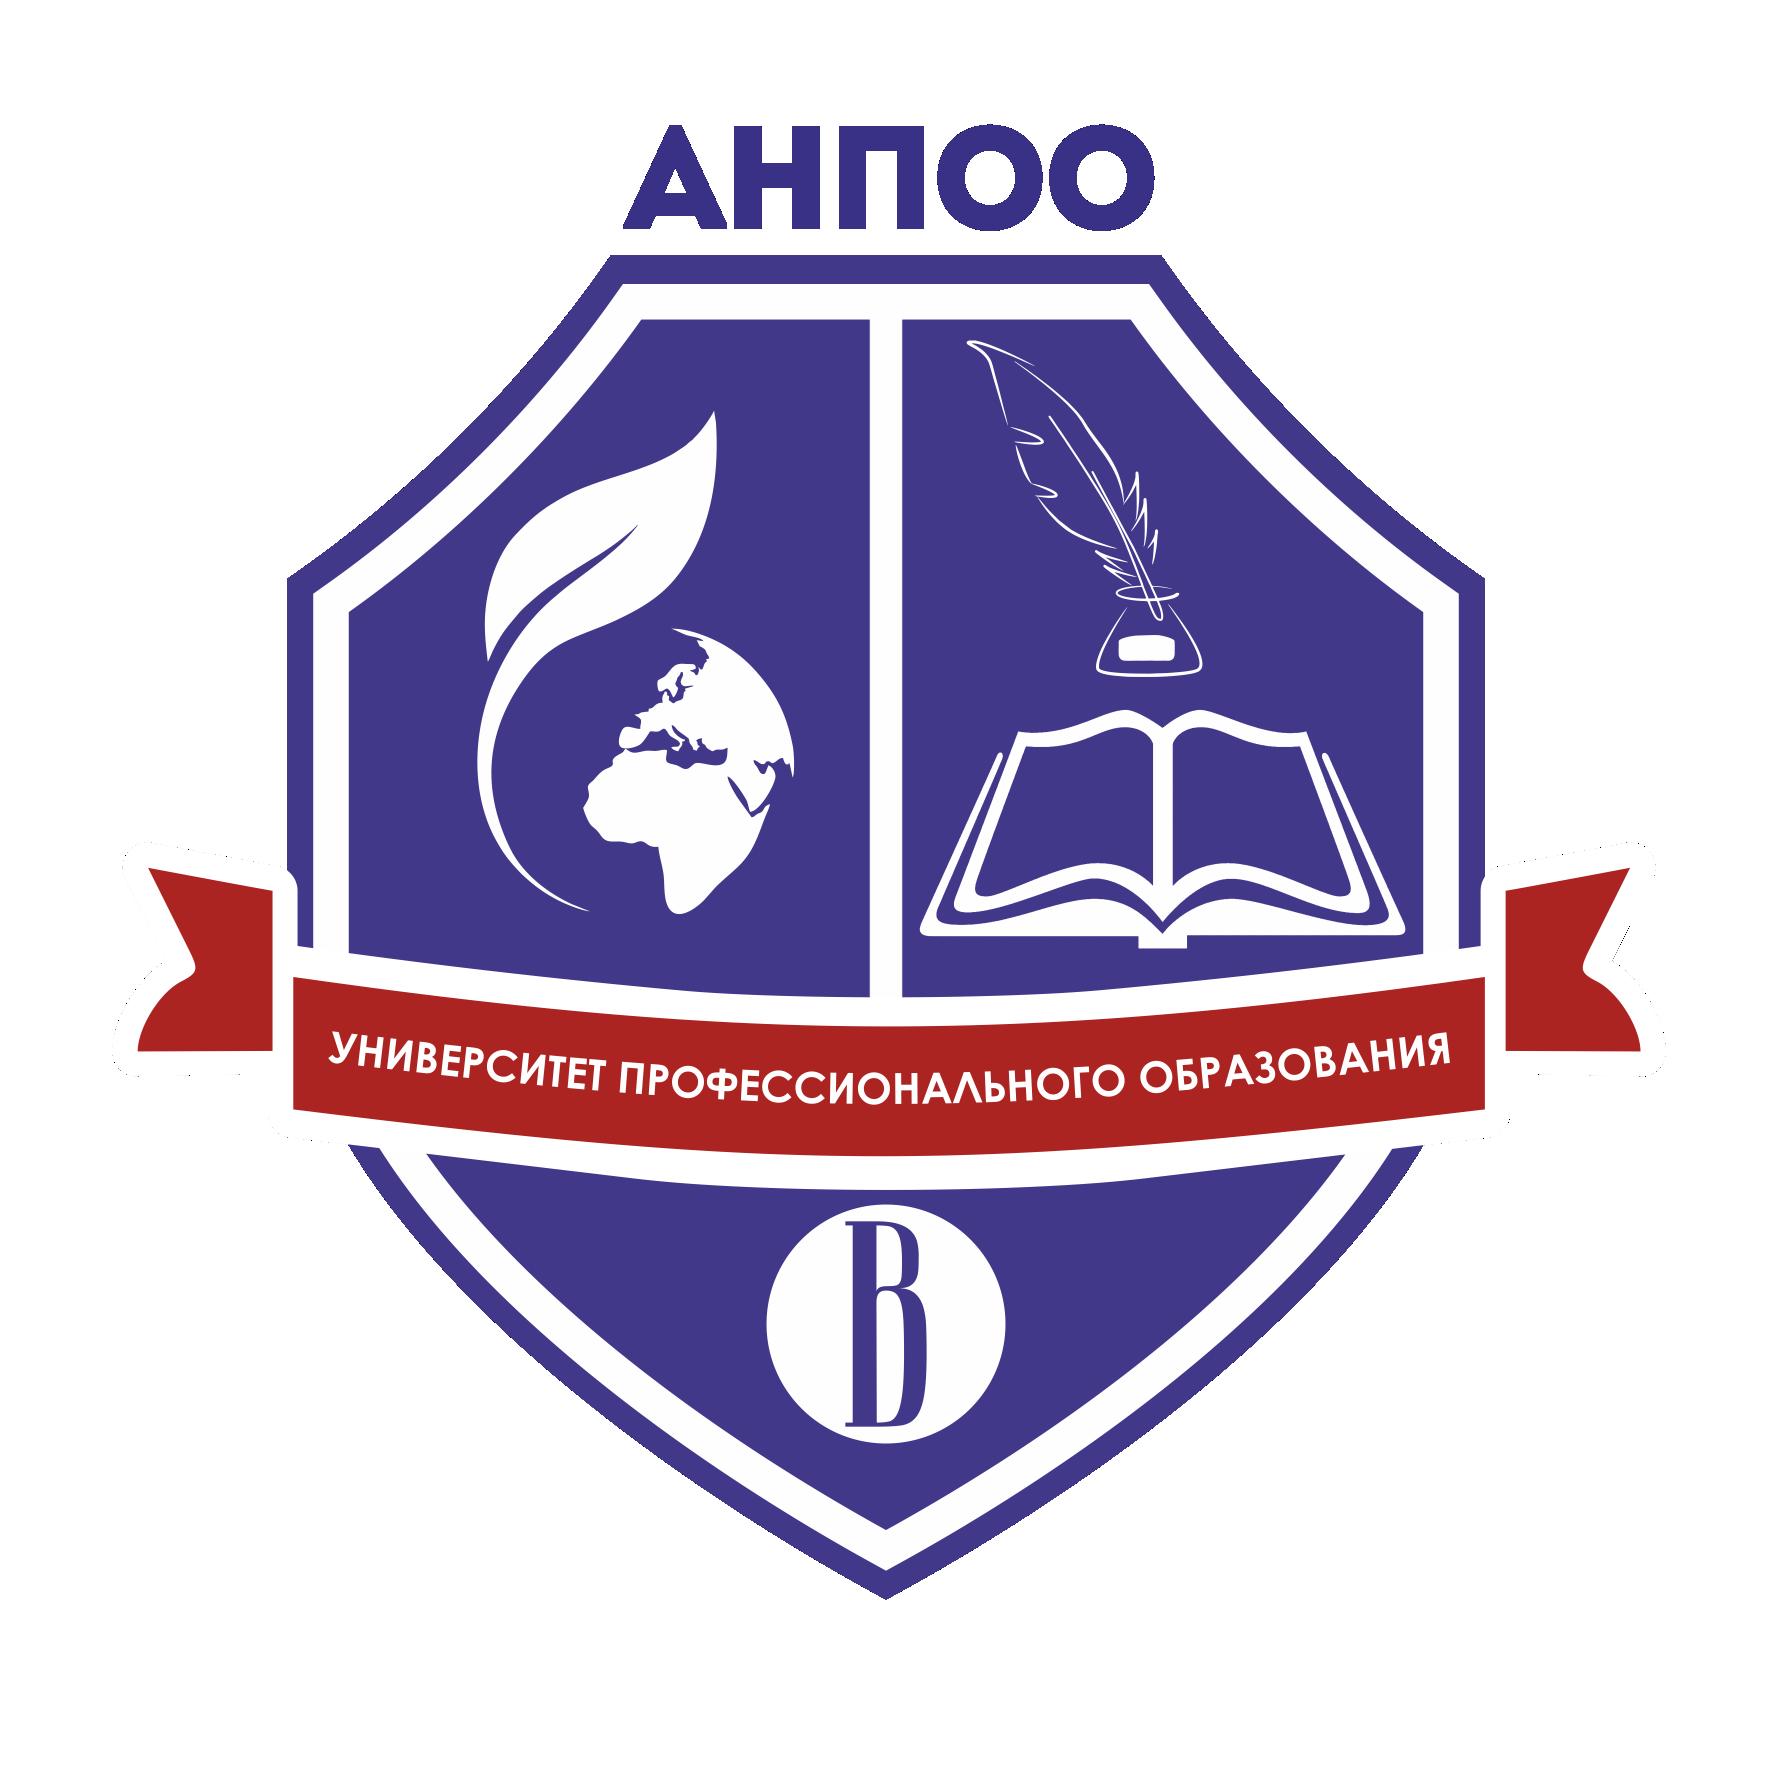 Ано профессиональная образовательная организация университет профессионального образования